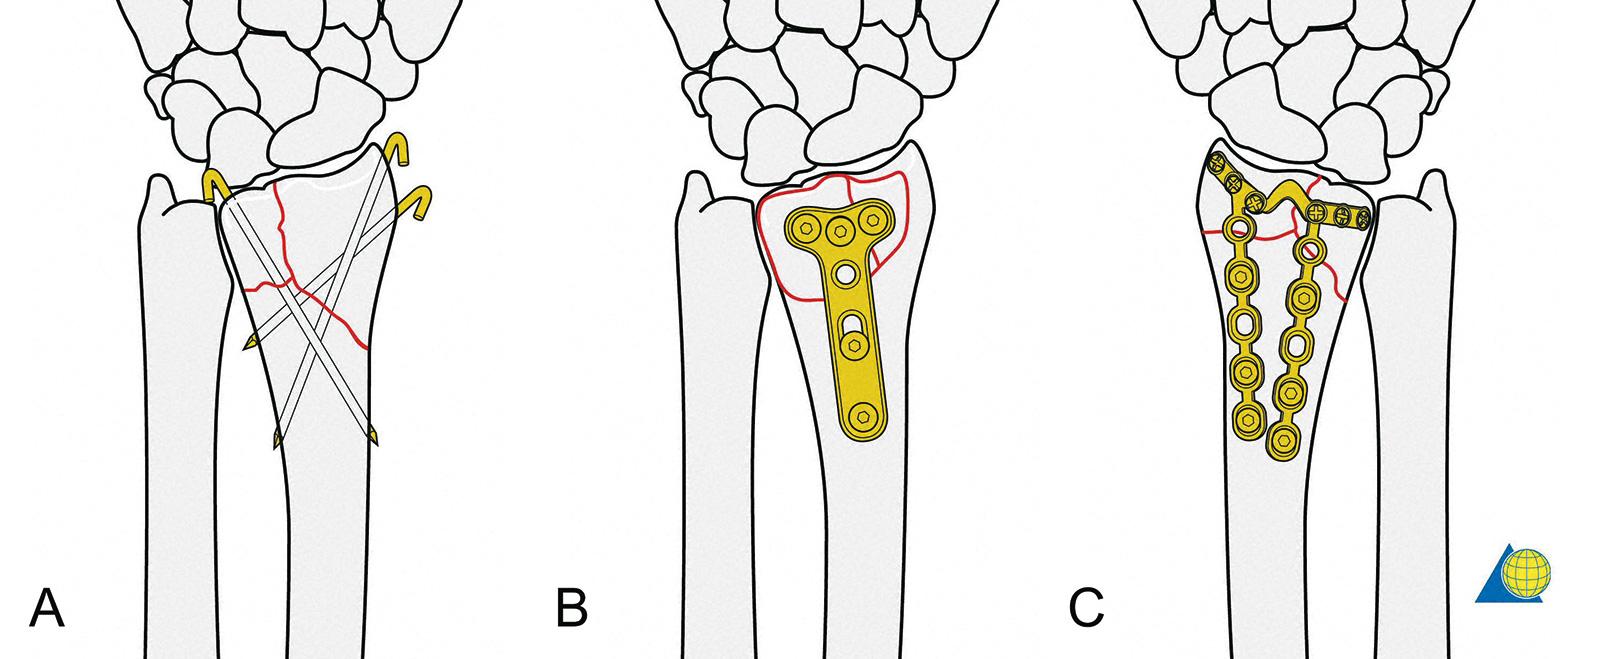 Abb. 3-89: Perkutane K-Draht-Osteosynthese (A), palmare T-Platte (B) oder dorsale Platte (C) zur Stabilisierung einer distalen Radiusfraktur (mit freundlicher Genehmigung von AO Publishing, Copyright © 2003, by AO Publishing, Switzerland)